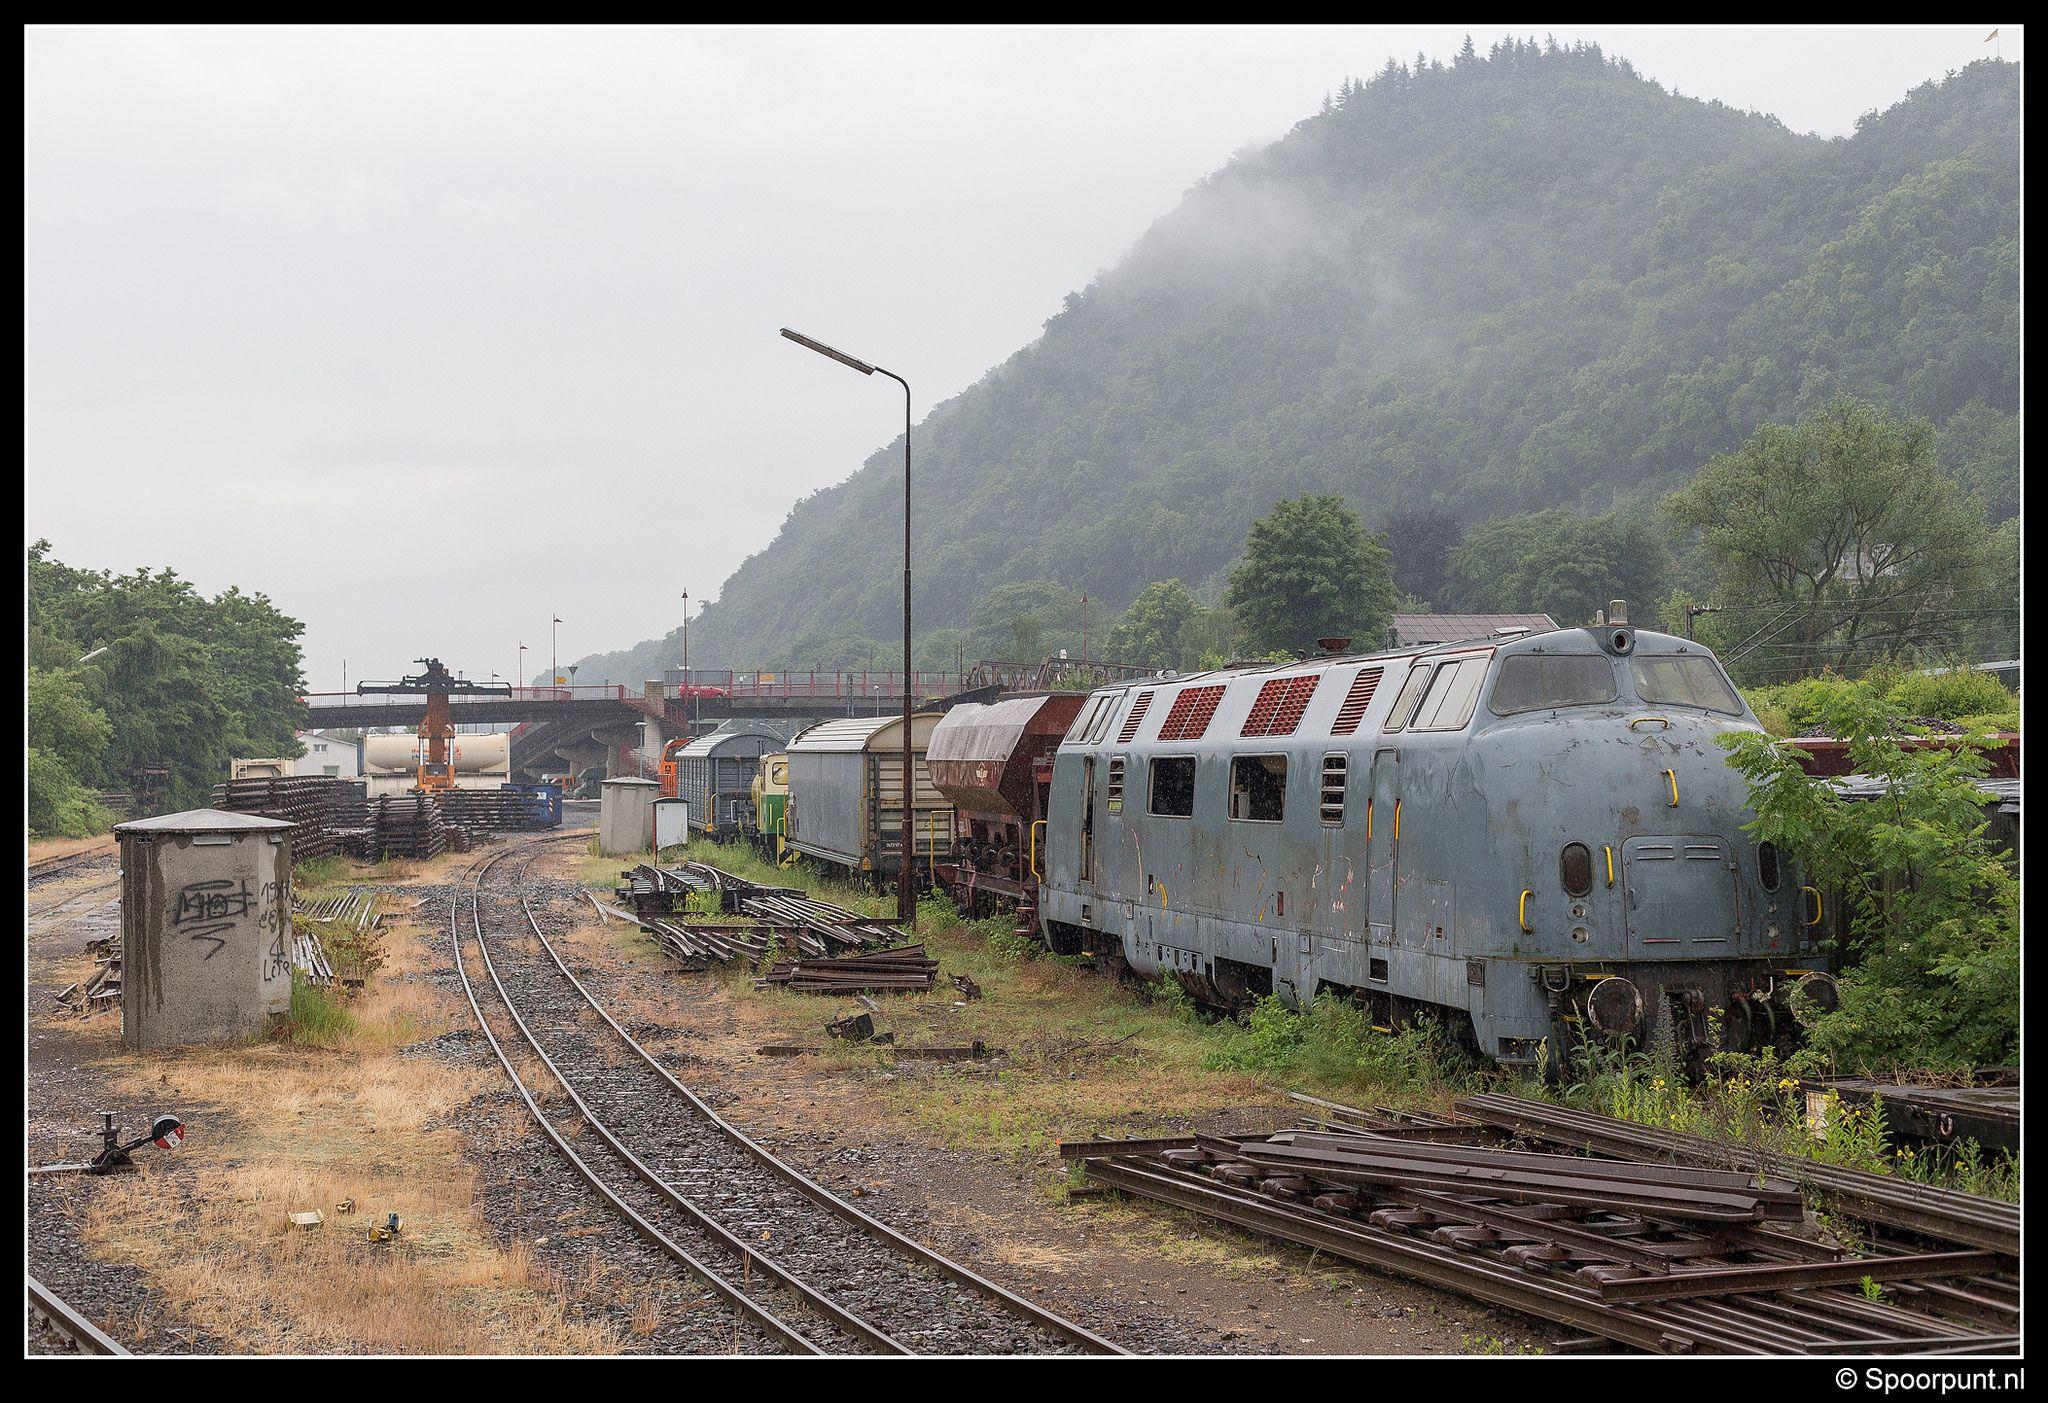 https://flic.kr/p/viv514 | Brohltalbahn 220 015-2 - Brohl-Lützing | De in 1957 gebouwde 220 015 heeft ongetwijfeld betere tijden gekend dan deze nu doormaakt op het emplacement van Brohl-Lützing. De locomotief dient als onderdelenleverancier voor de 220 053 van de Brohltalbahn